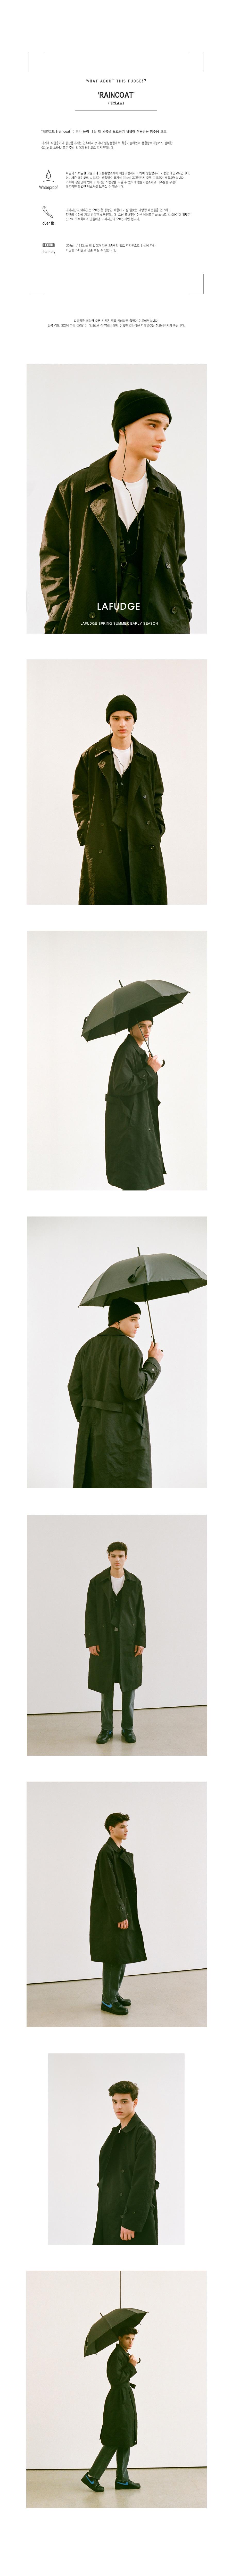 Classic_Trench_Robe_Rain_Coat_Black_01.jpg